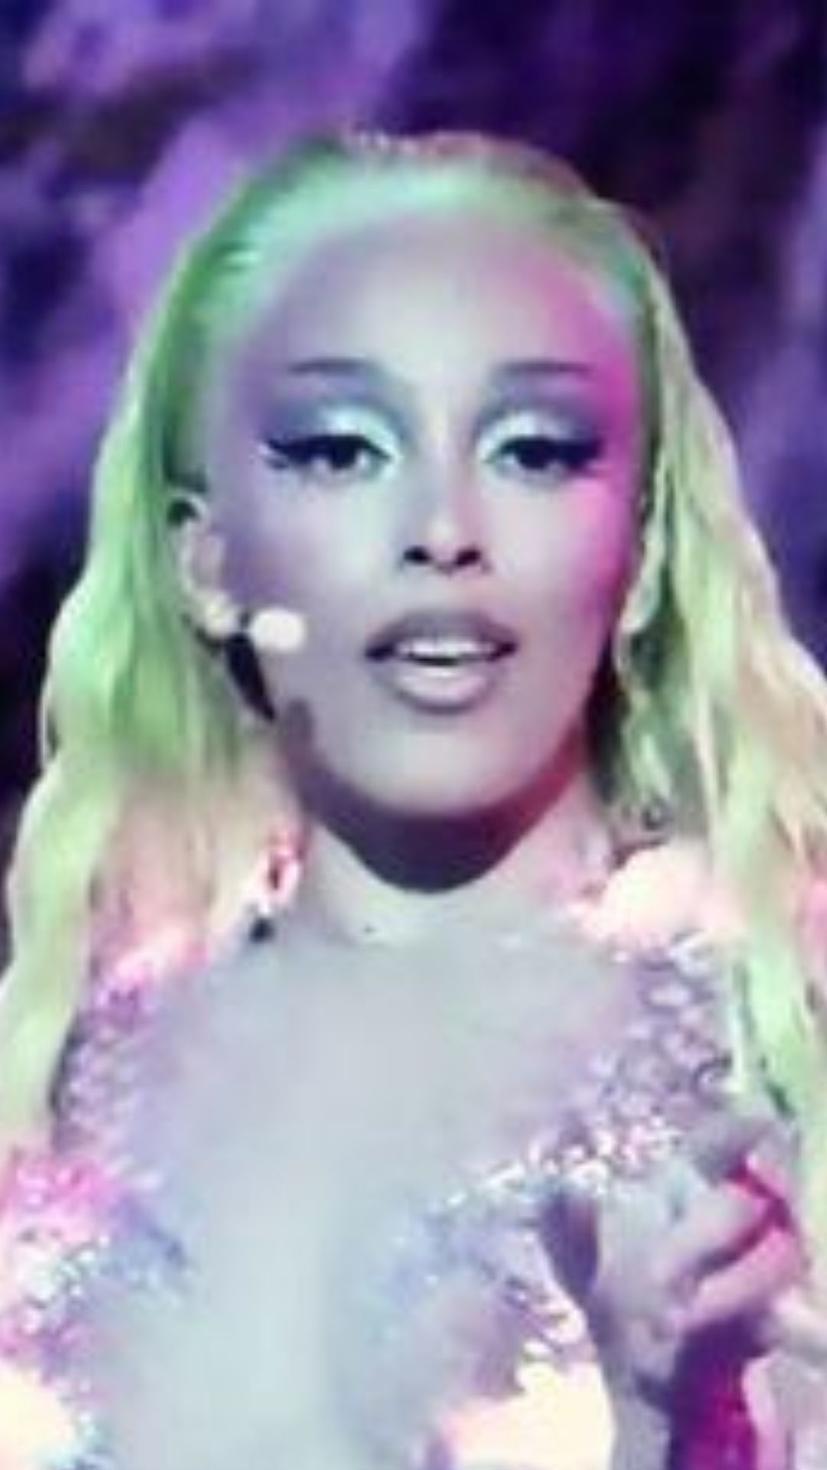 VMAs 2020, VMAs Social Distancing, Best VMA 2020 glam, Best Beauty Looks VMAs